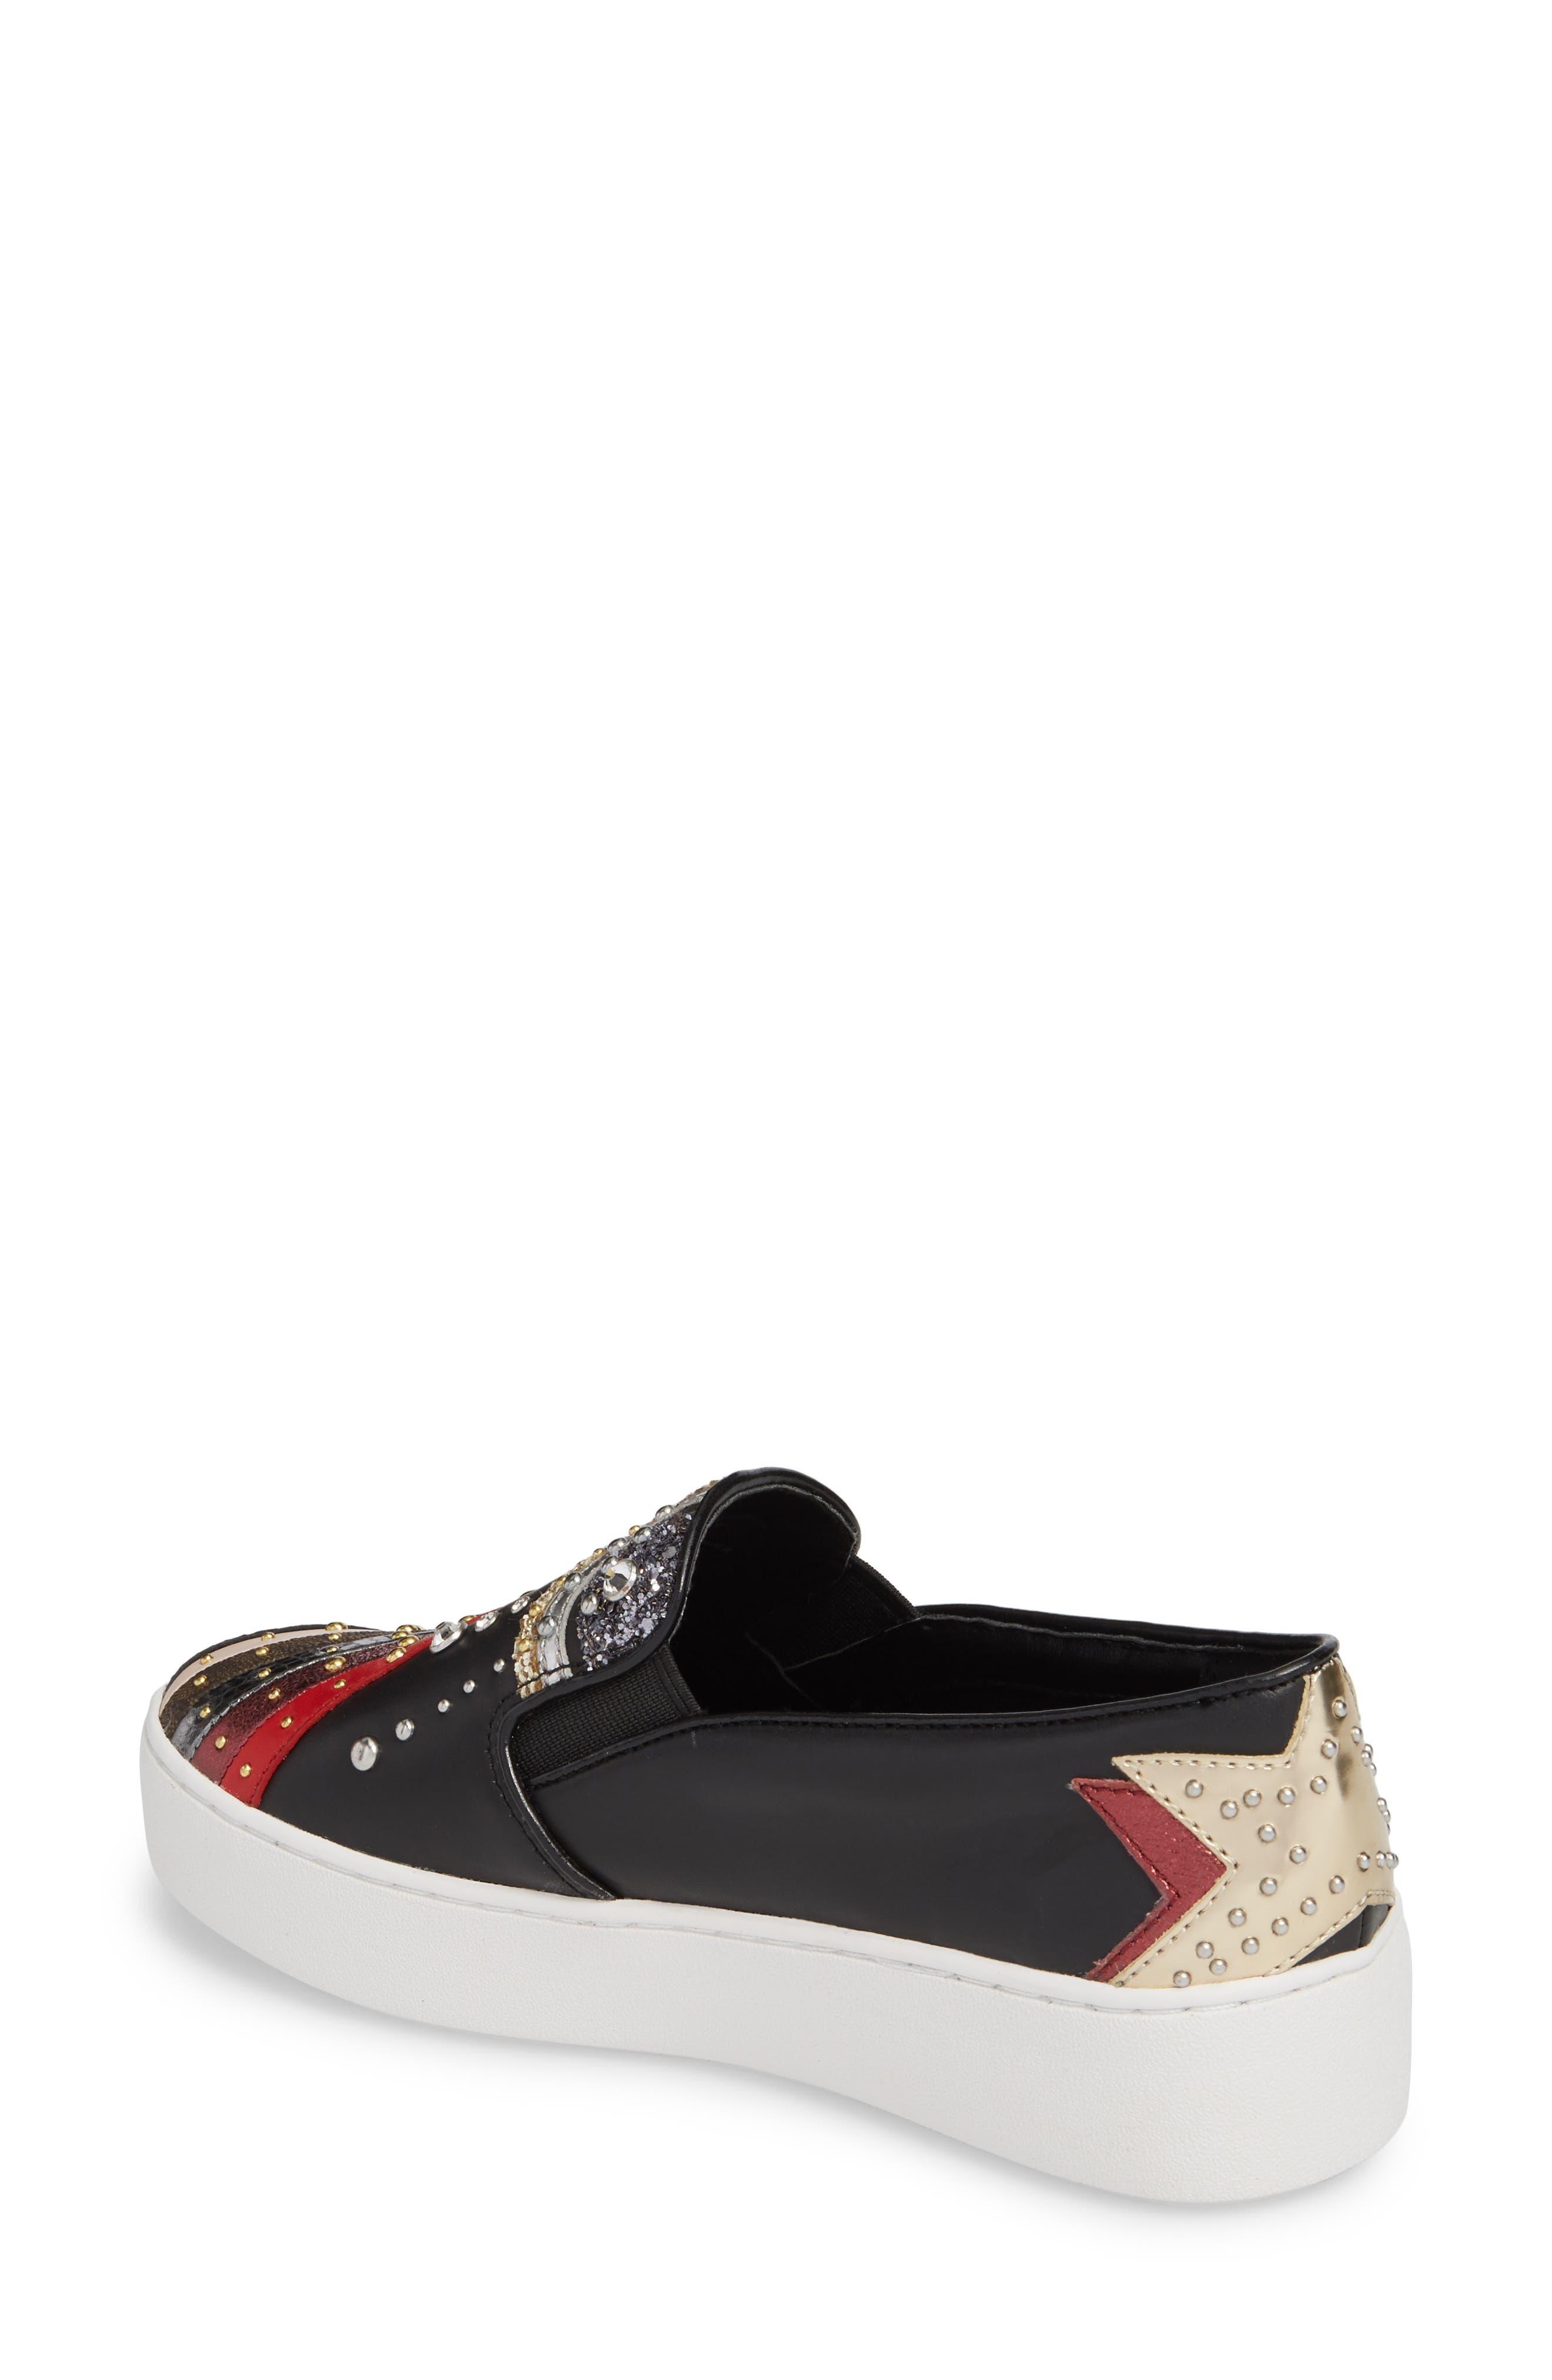 Trent Slip-On Sneaker,                             Alternate thumbnail 2, color,                             Black Firework Print